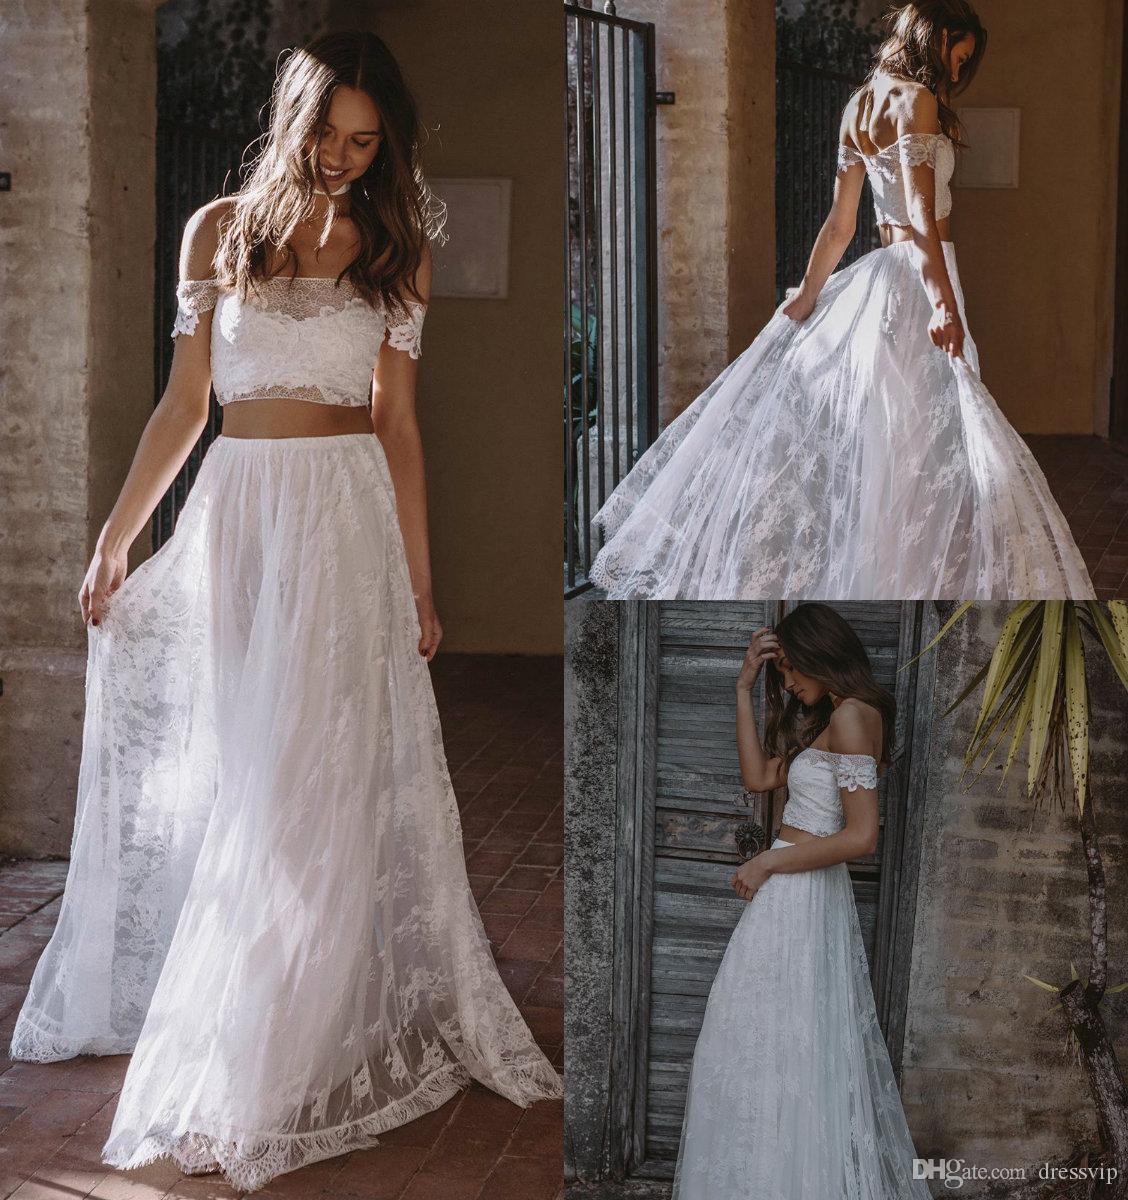 2019 vestidos de novia bohemia Una línea Dos pedazos del hombro apliques de encaje Boho Boho Boho Beep Tren Tallas grandes Vestido de novia